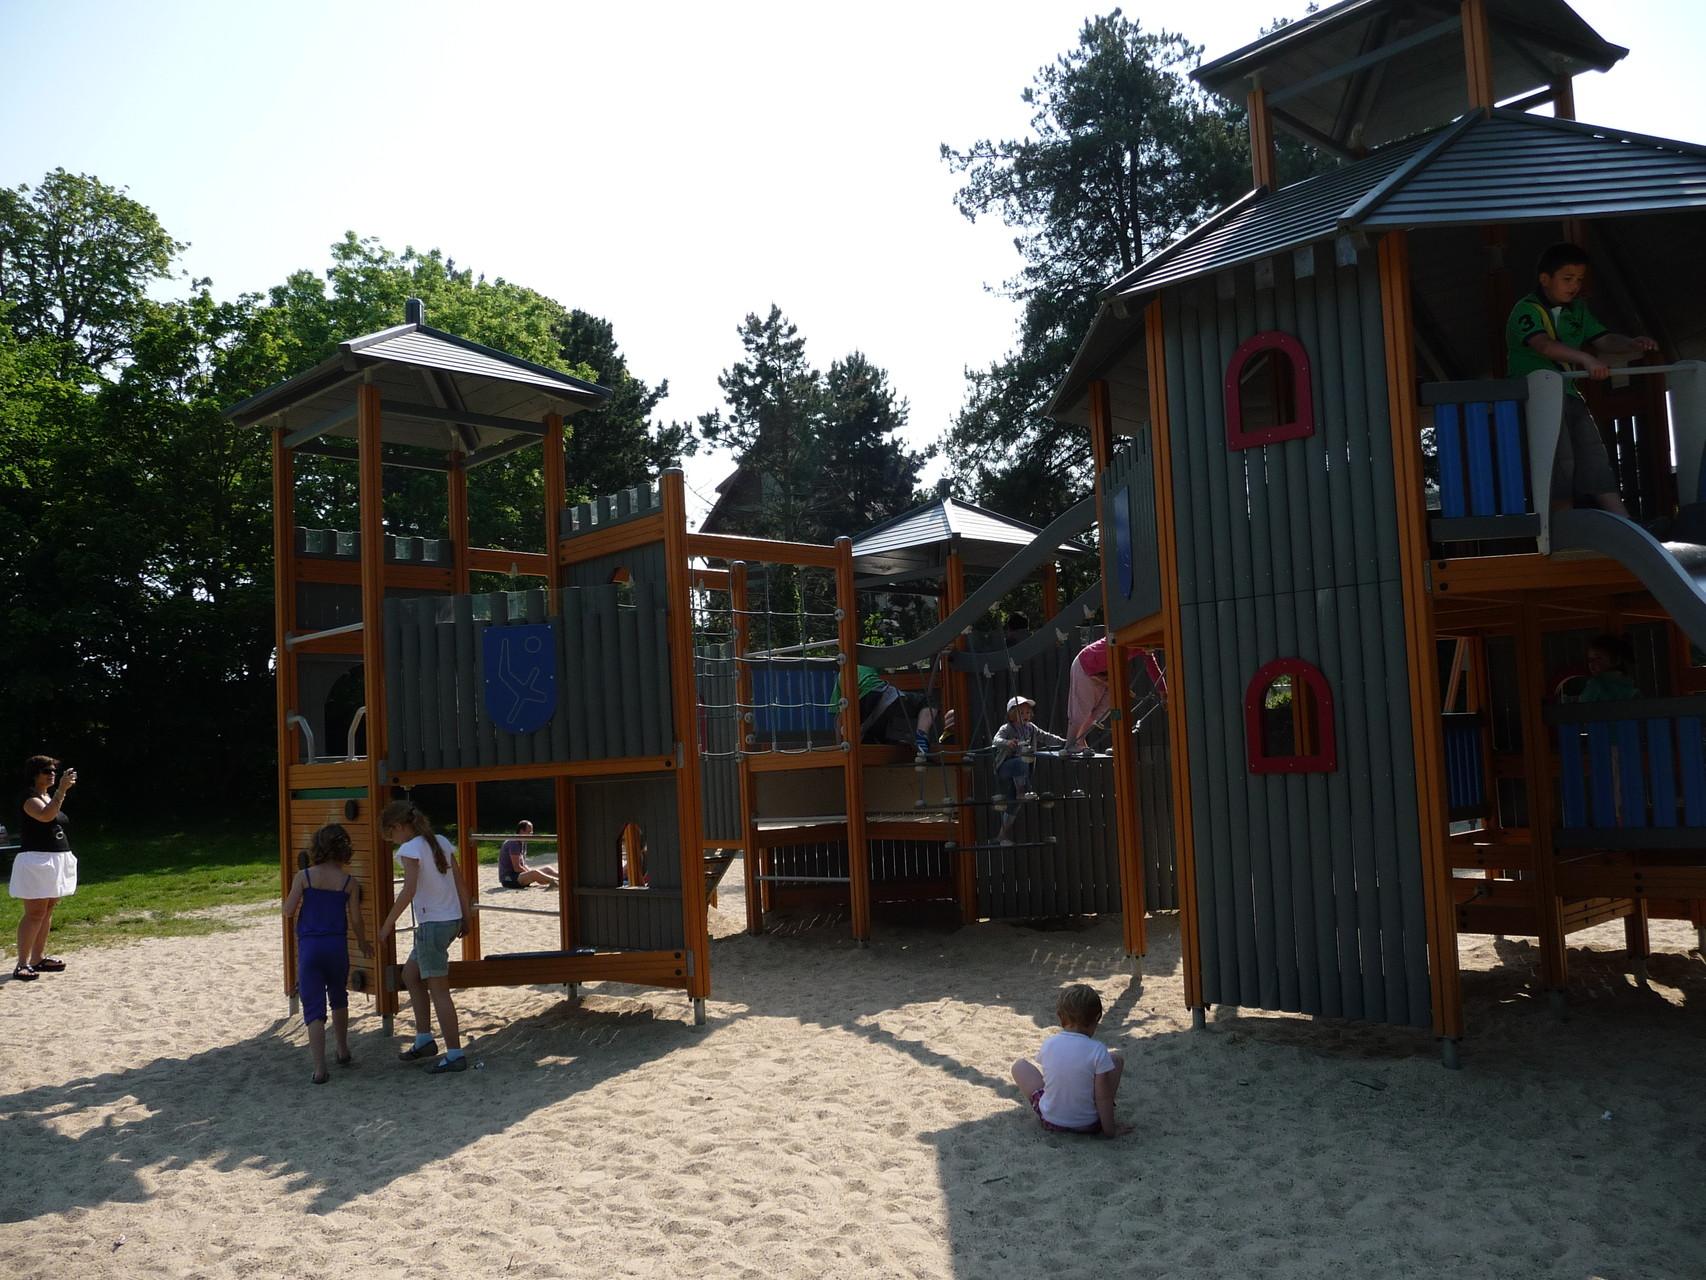 Parc de jeux quai Jeanne d'Arc - Baie de Somme